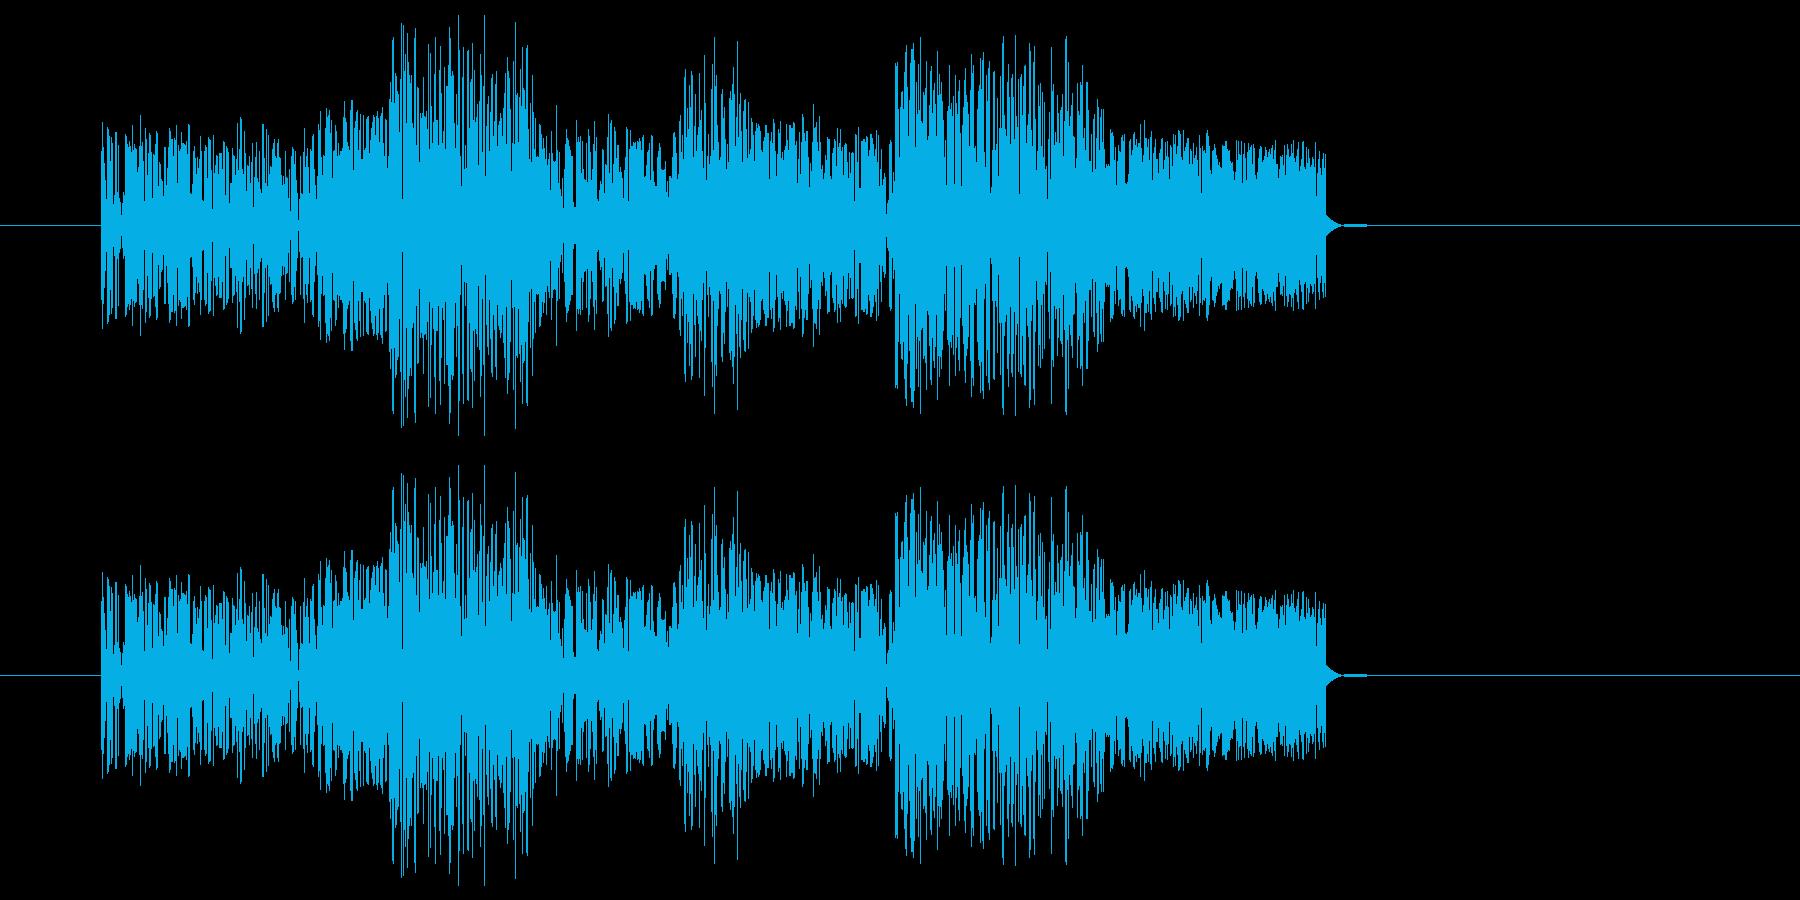 攻撃・命中・ズバババッ・ファミコン風2の再生済みの波形